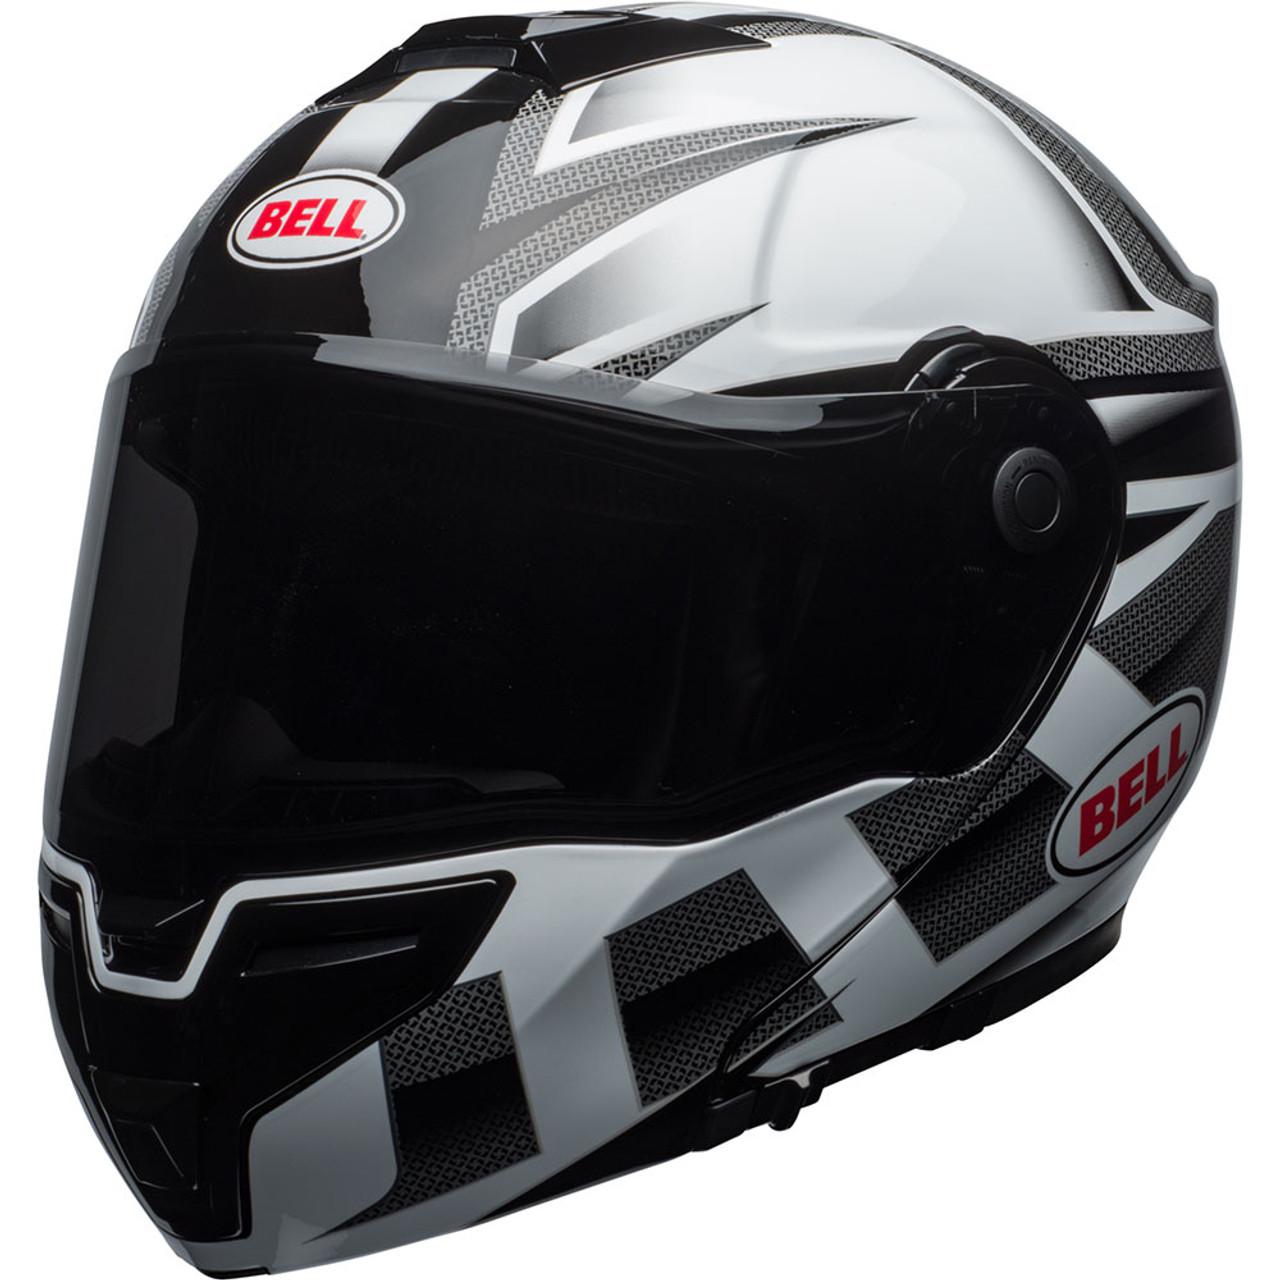 Bell Srt Modular Motorcycle Helmet Gloss White Black Predator